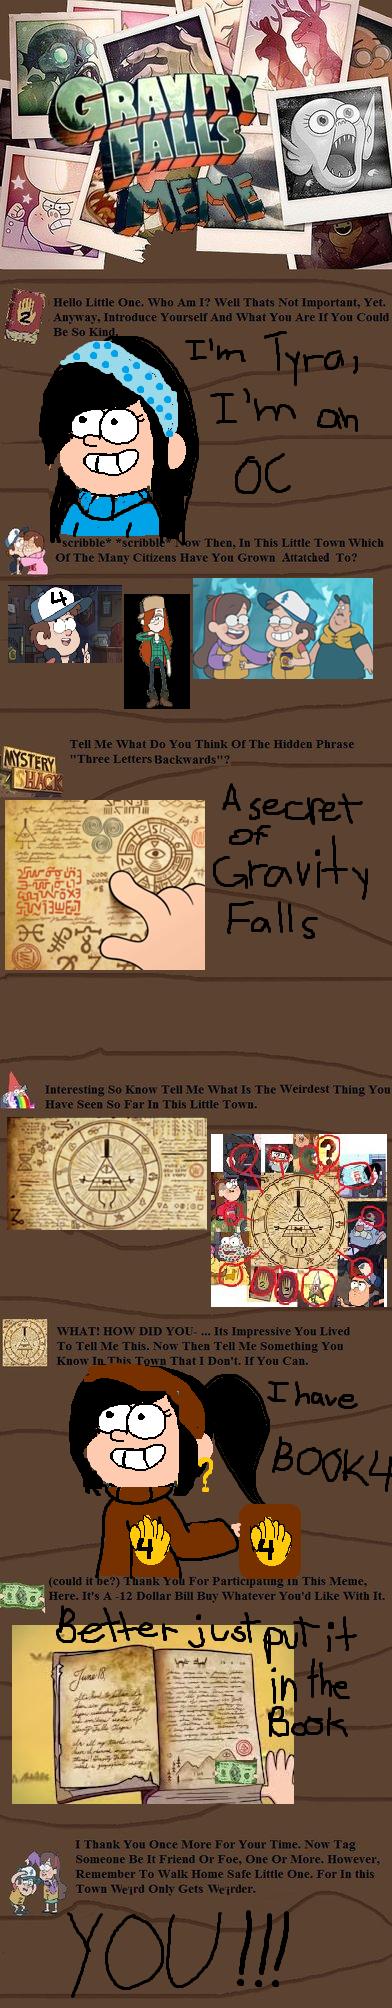 Gravity Falls meme by LEONARDO2012FAN on DeviantArt